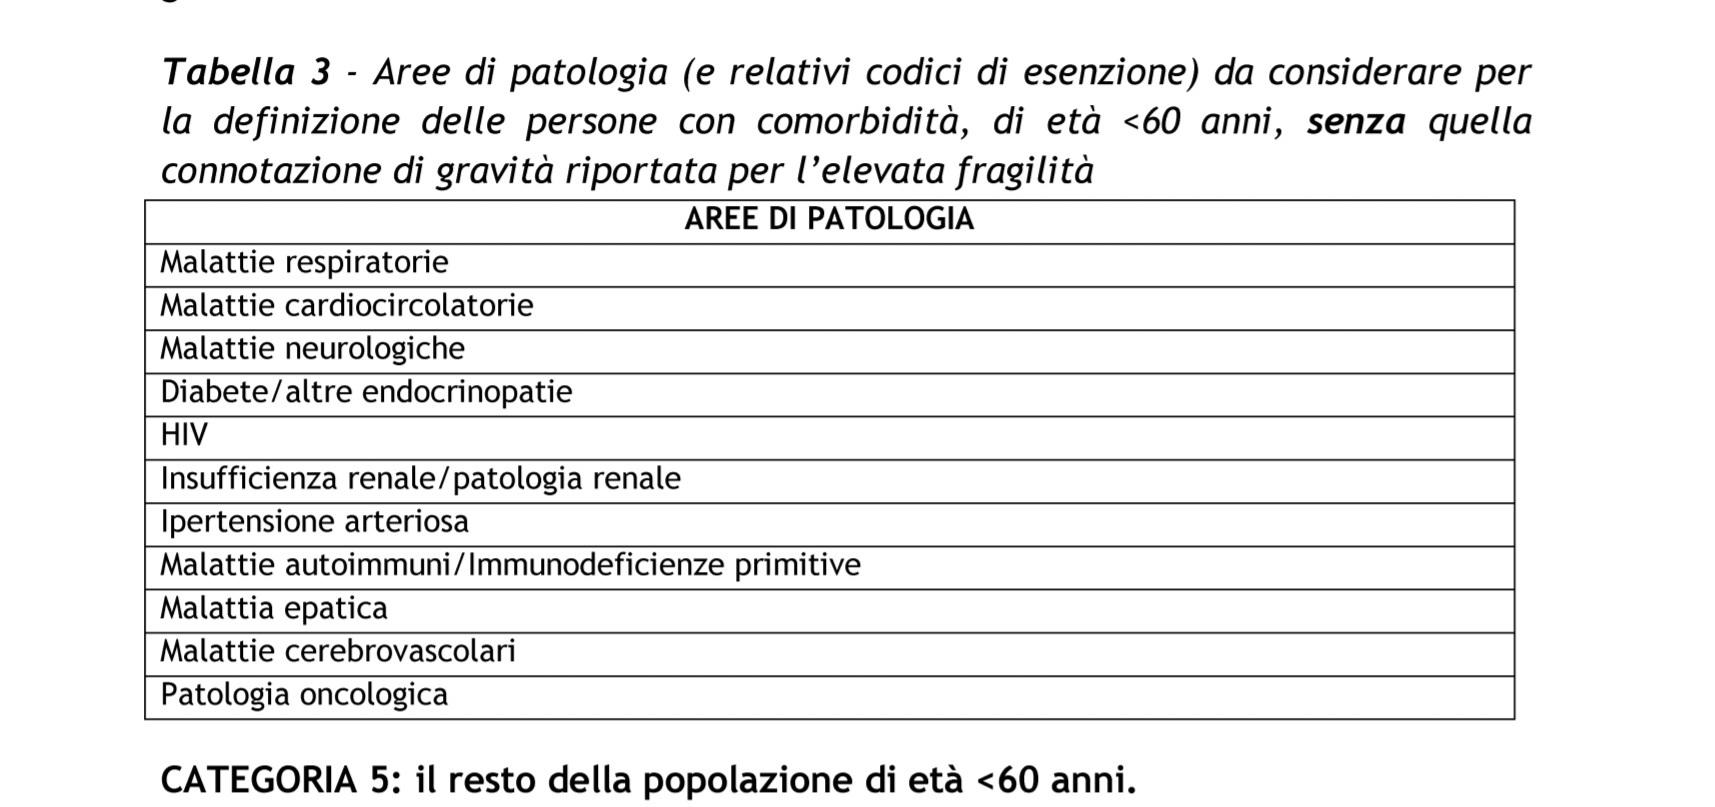 tabella 3-2